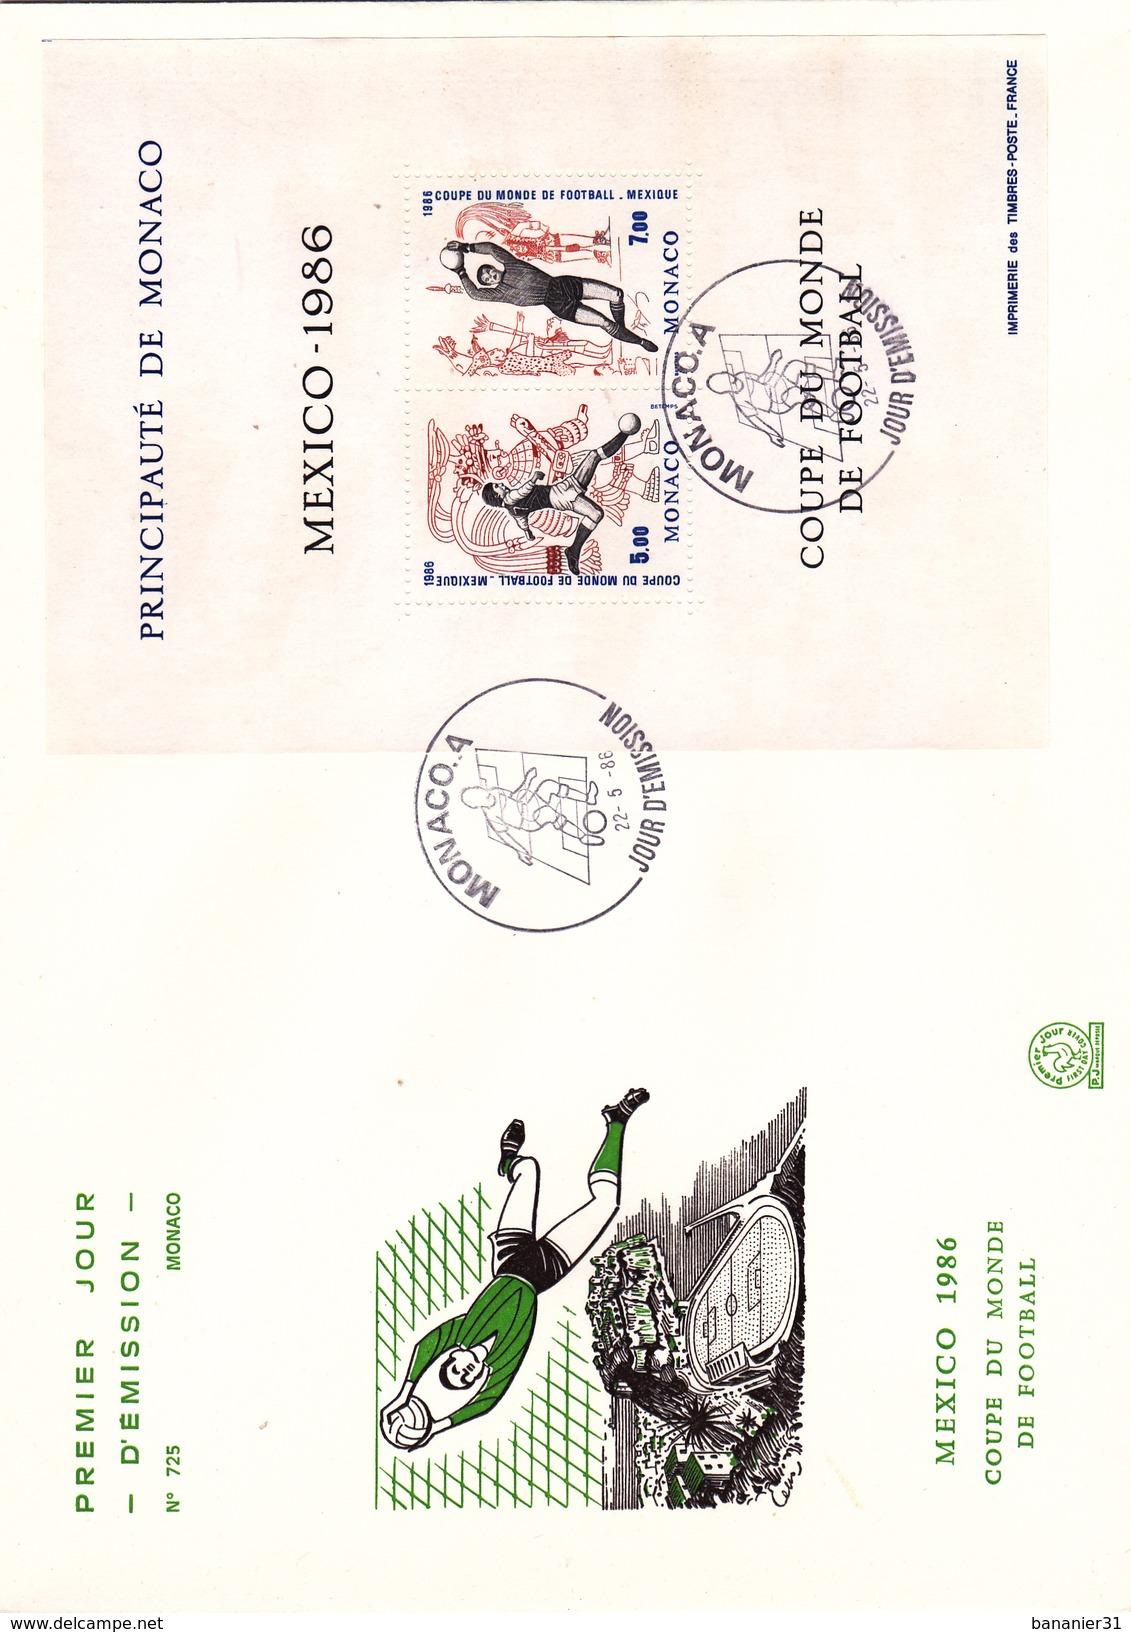 MONACO @ FDC N° 725 Grand Format 22,8 Cm X 16,3 Cm BLOC 1986 SPORT Coupe Du Monde De Football MEXIQUE - FDC